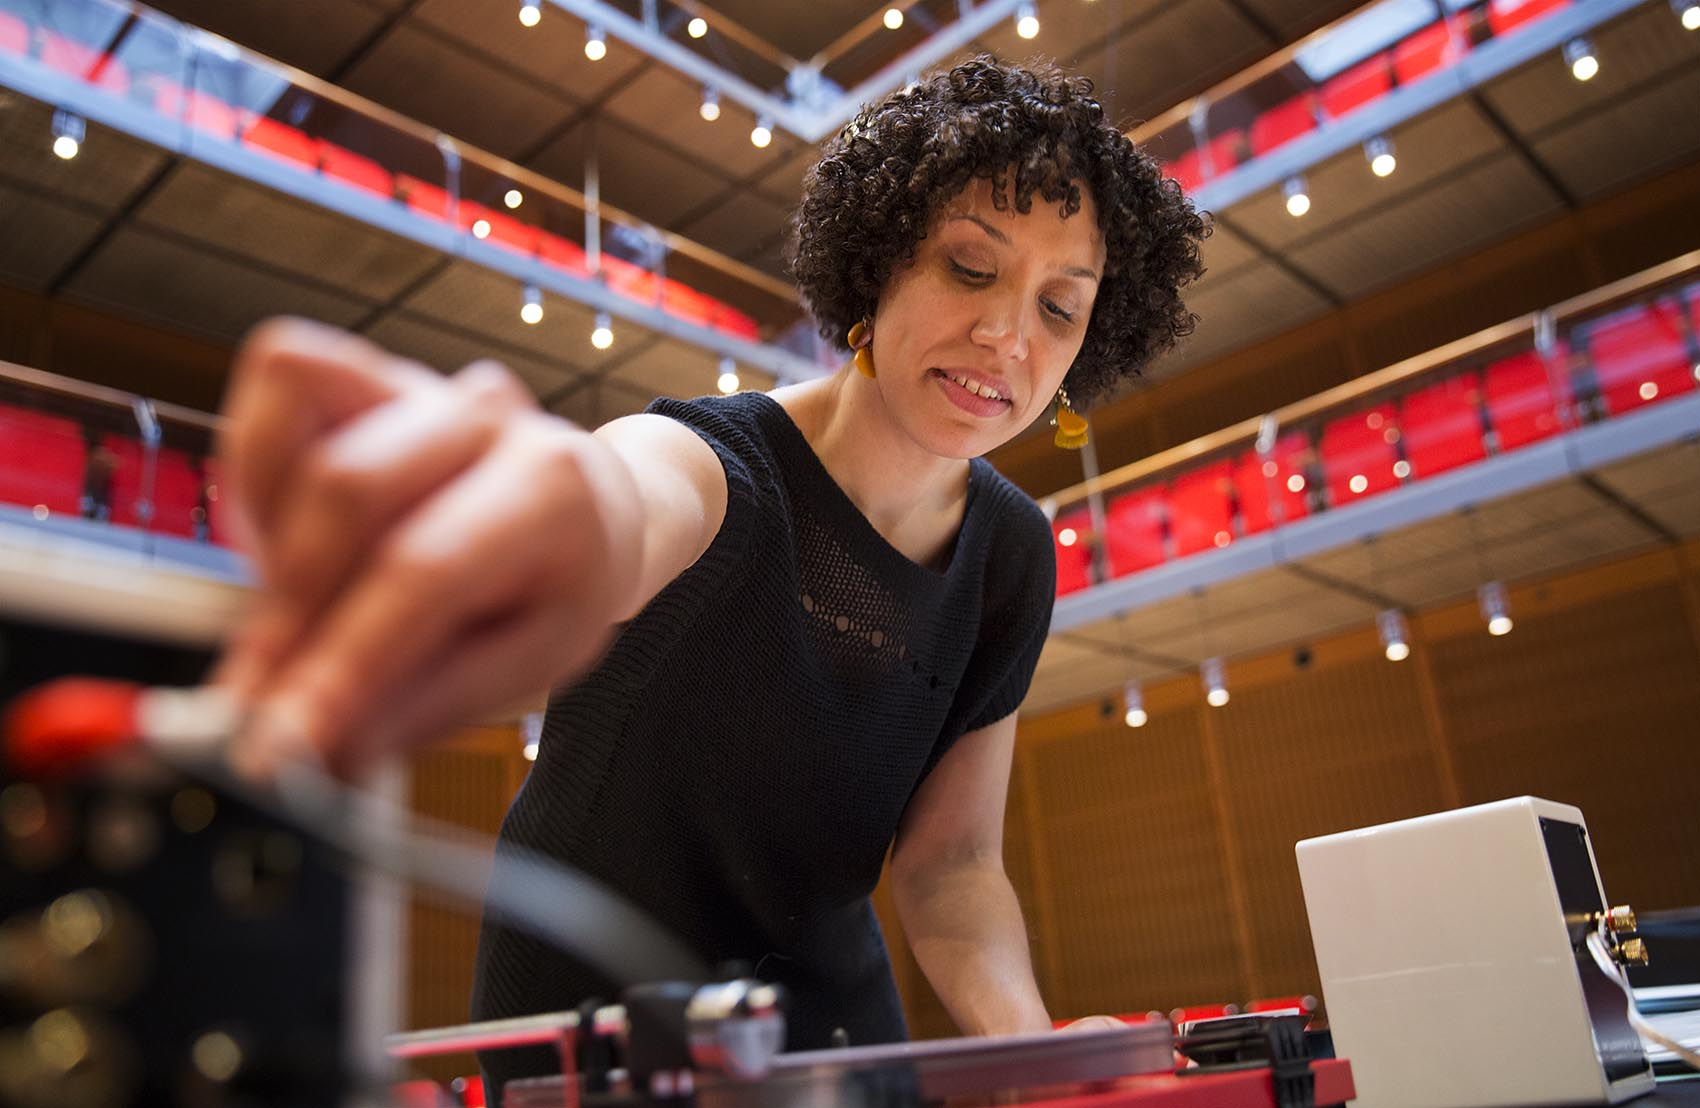 """Artist Elisa Hamilton adjusts the volume of the """"Sound Lab"""" turntable. (Robin Lubbock/WBUR)"""